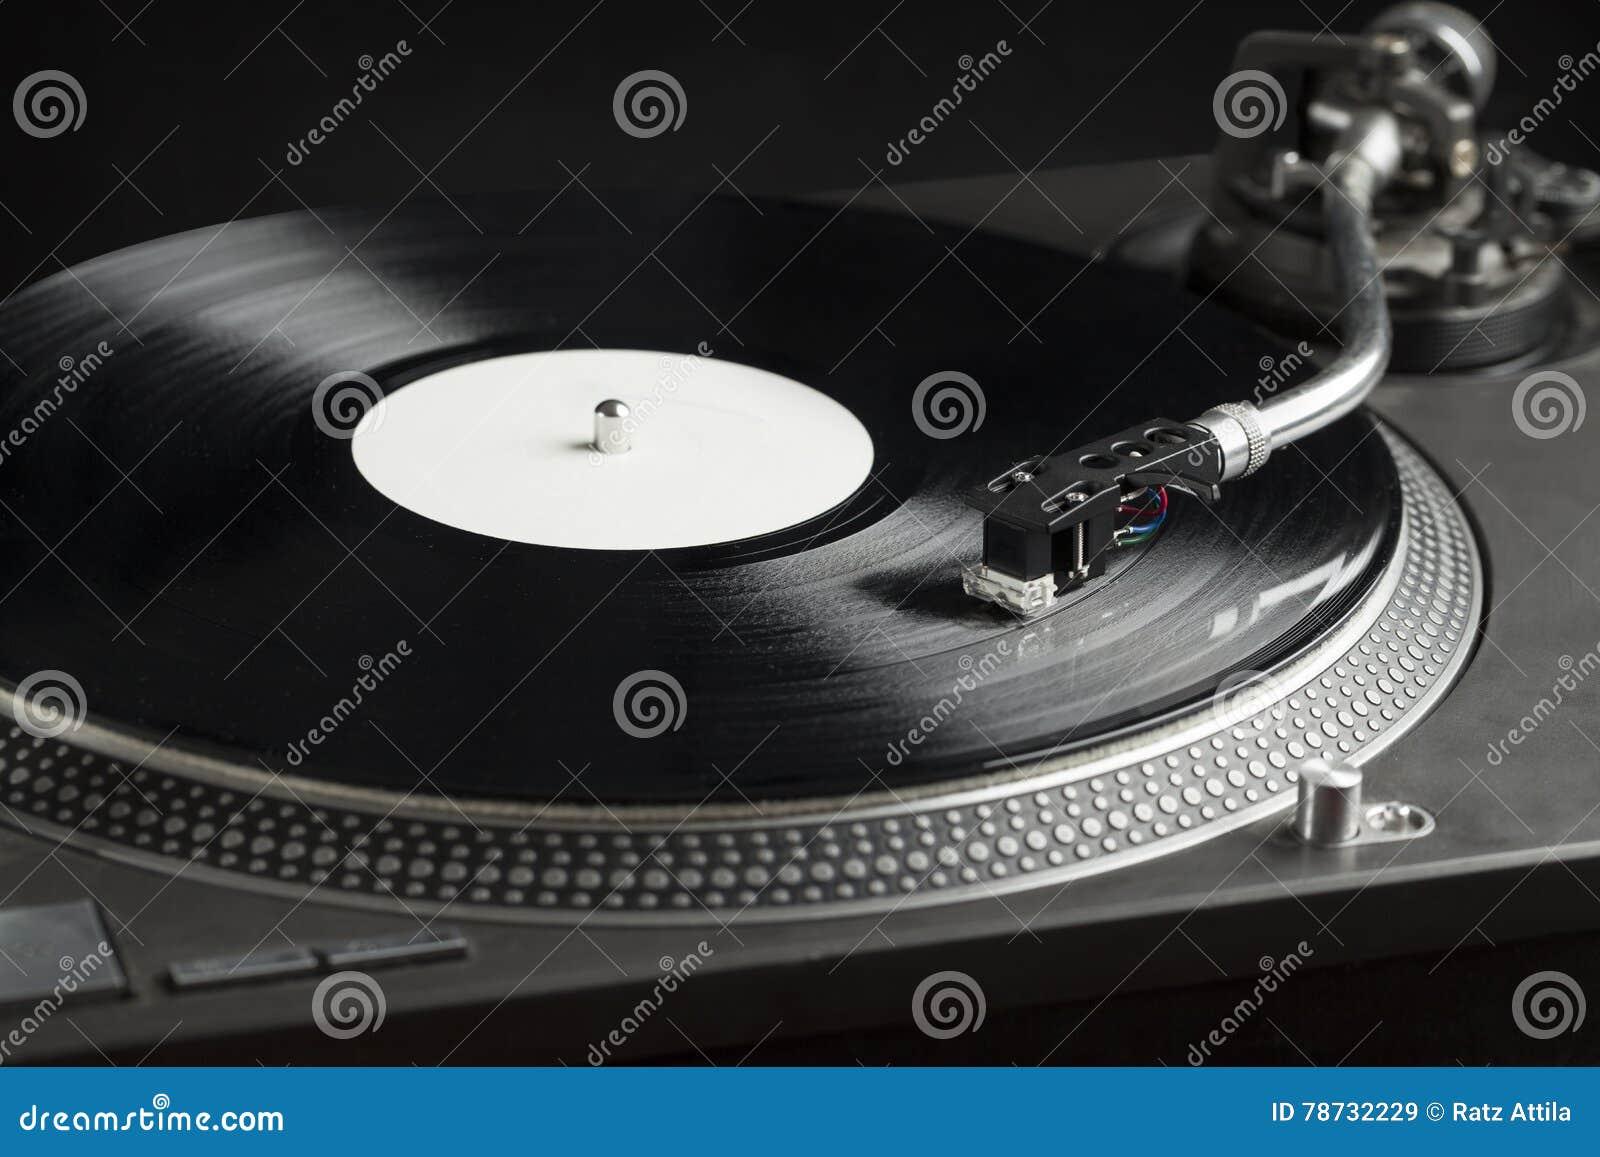 Skivtallrik som spelar upp vinyl som är nära med visaren på rekordet